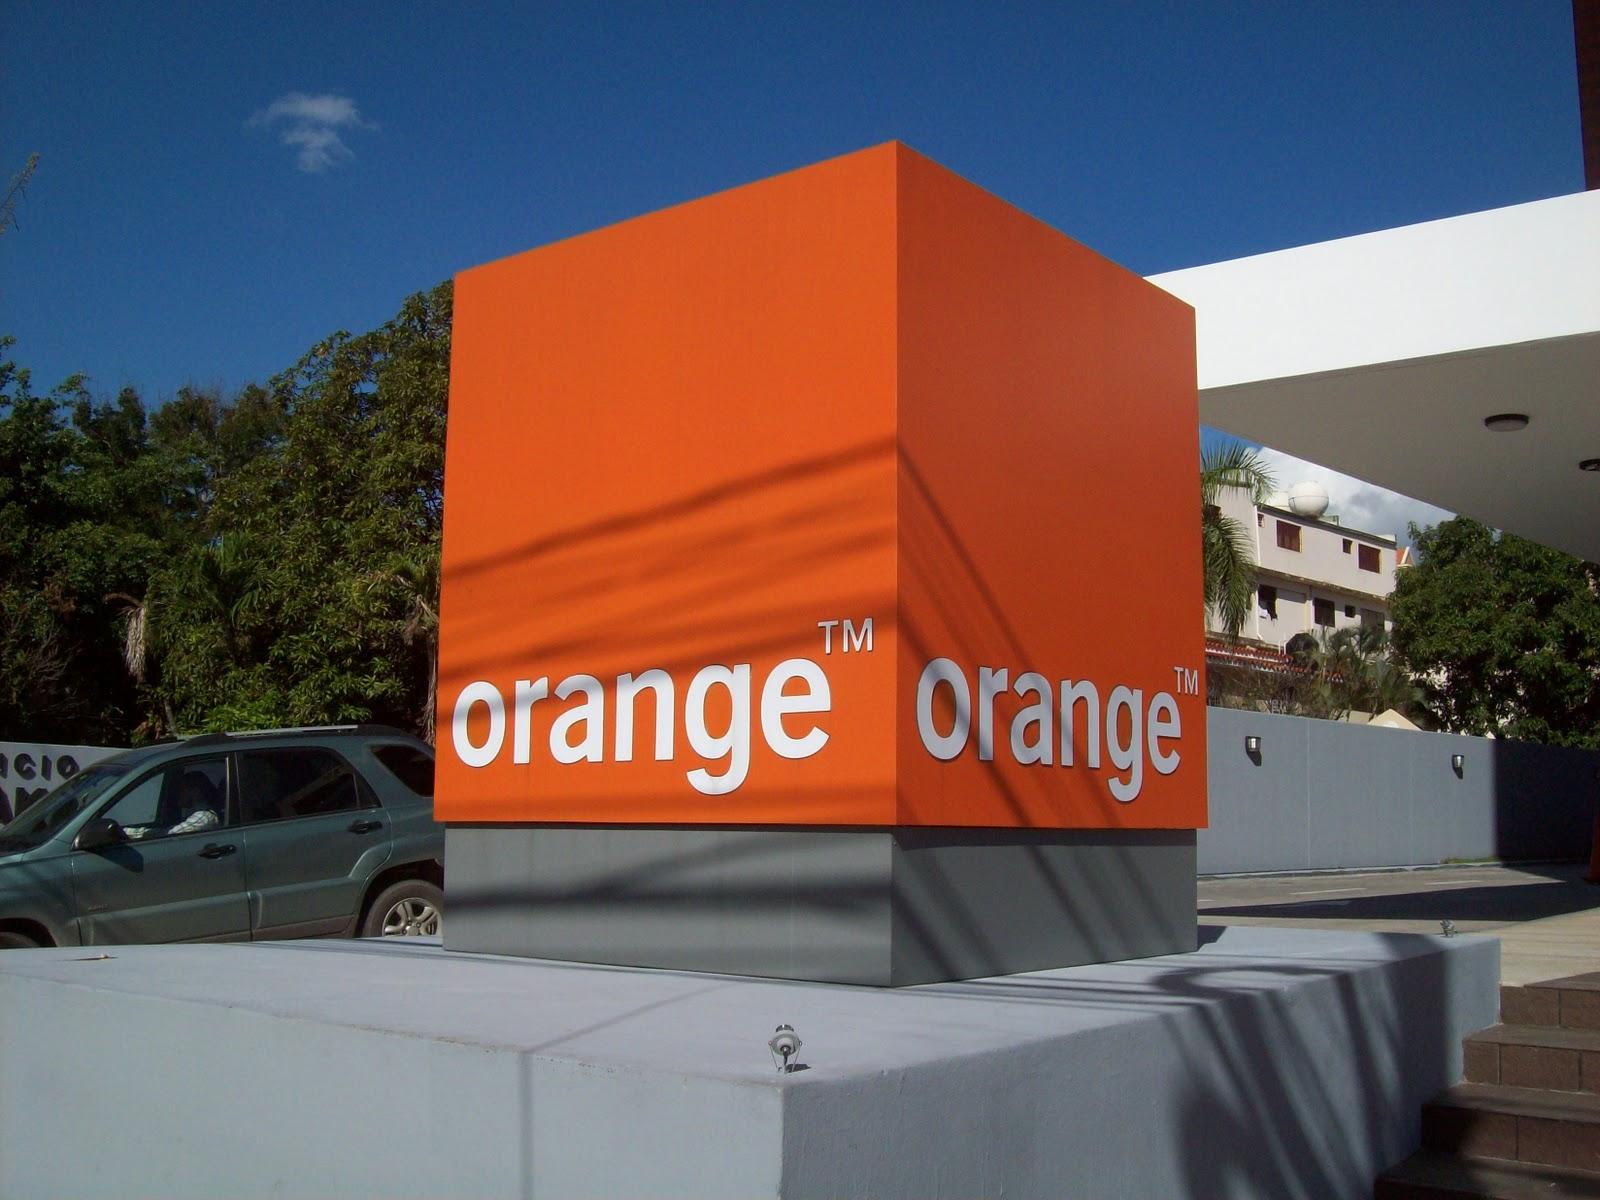 habla gratis de orange a orange con el numero magico noticias de tecnolog a en. Black Bedroom Furniture Sets. Home Design Ideas